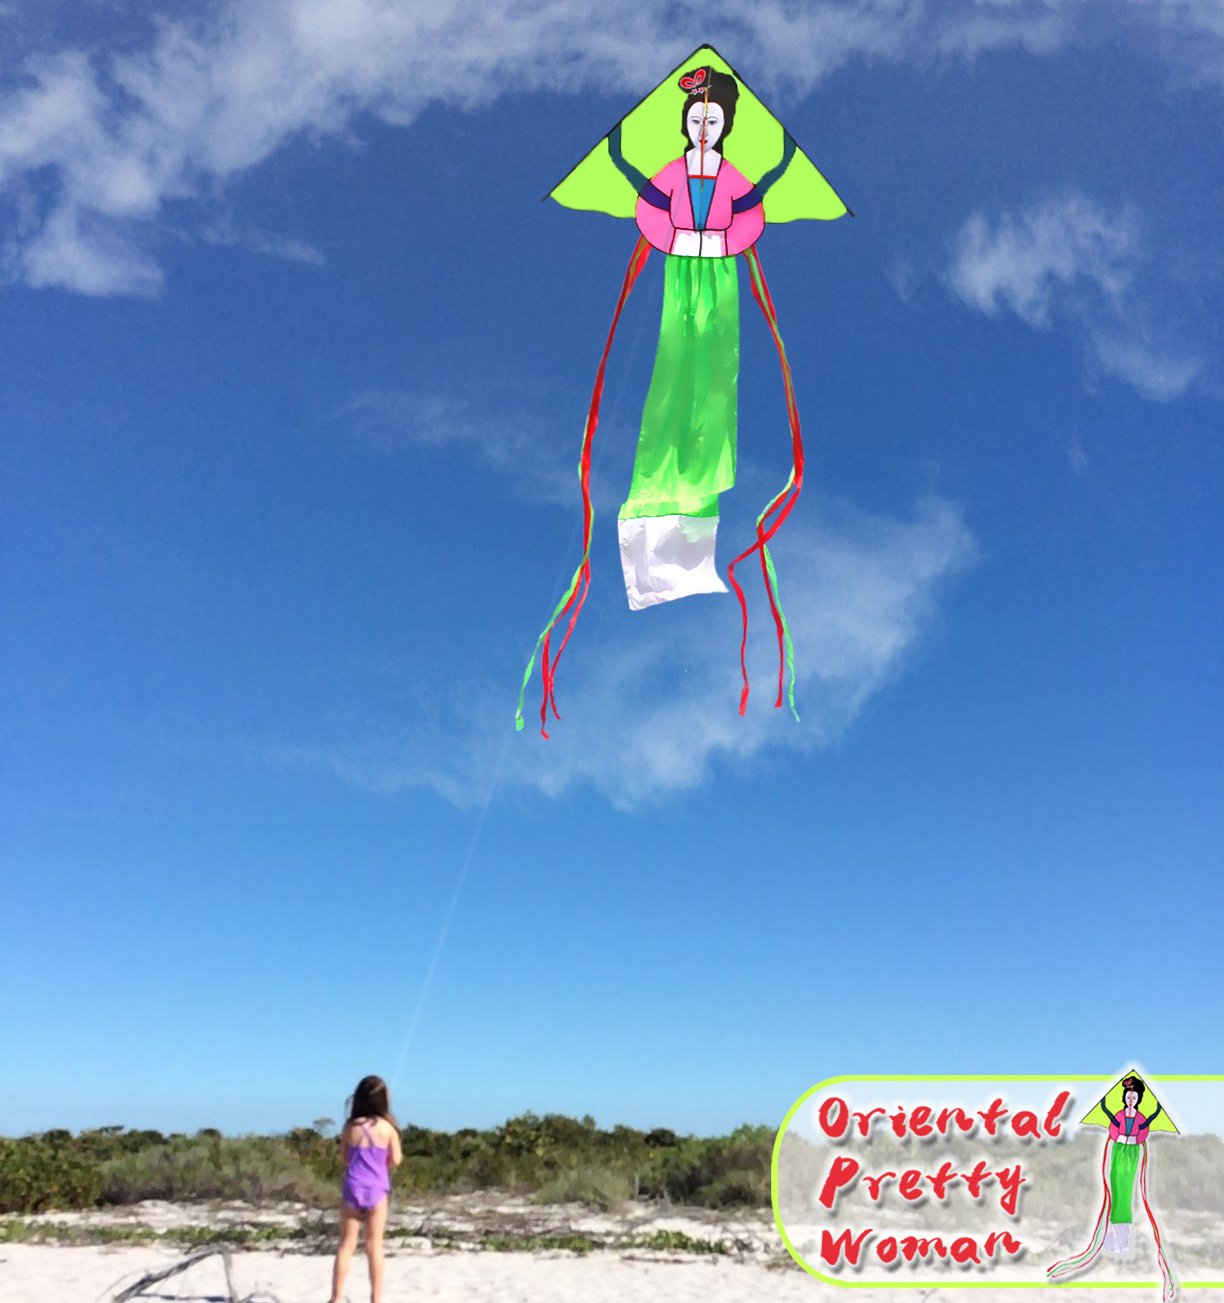 HENGDA KITE Oriental Pretty Woman Kites with Flying Line Outdoor Fun Sports Kite